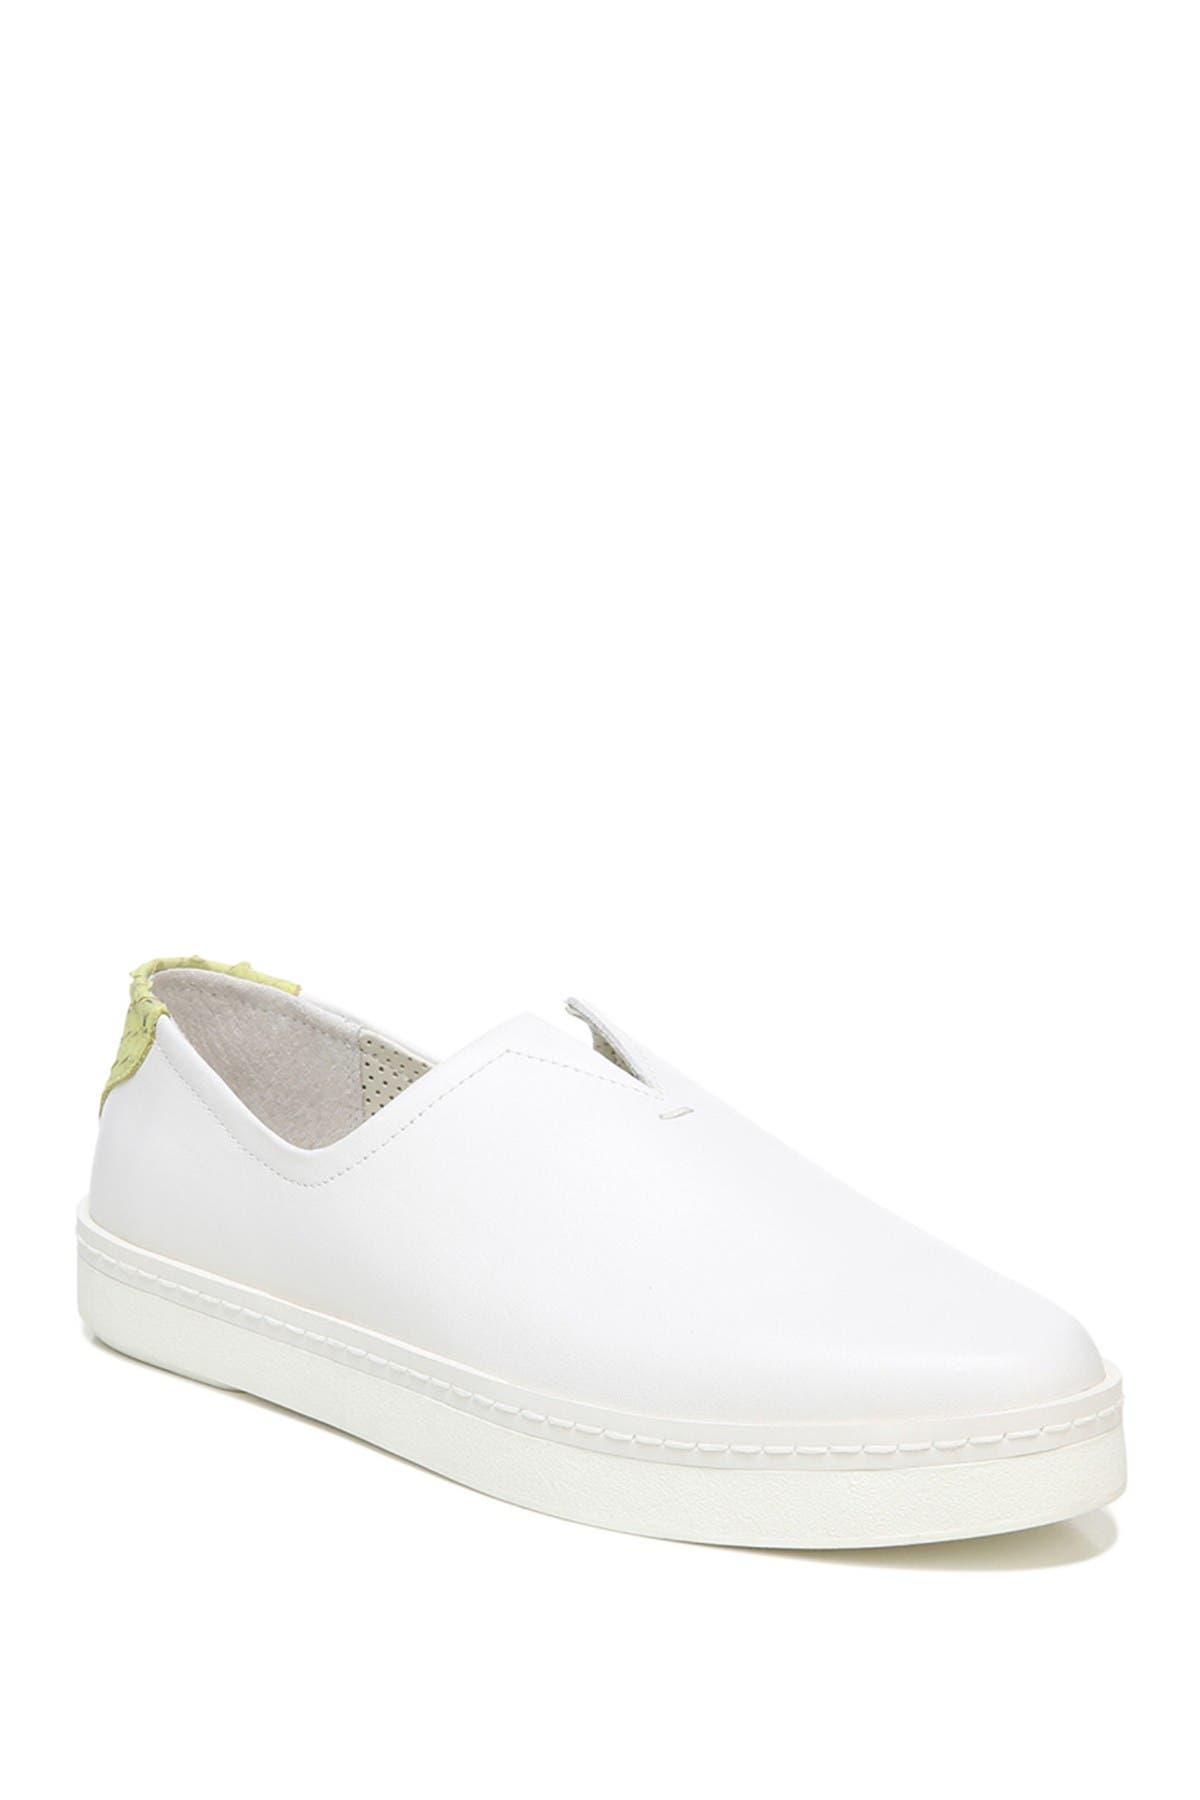 Image of Franco Sarto Avant Slip-On Sneaker